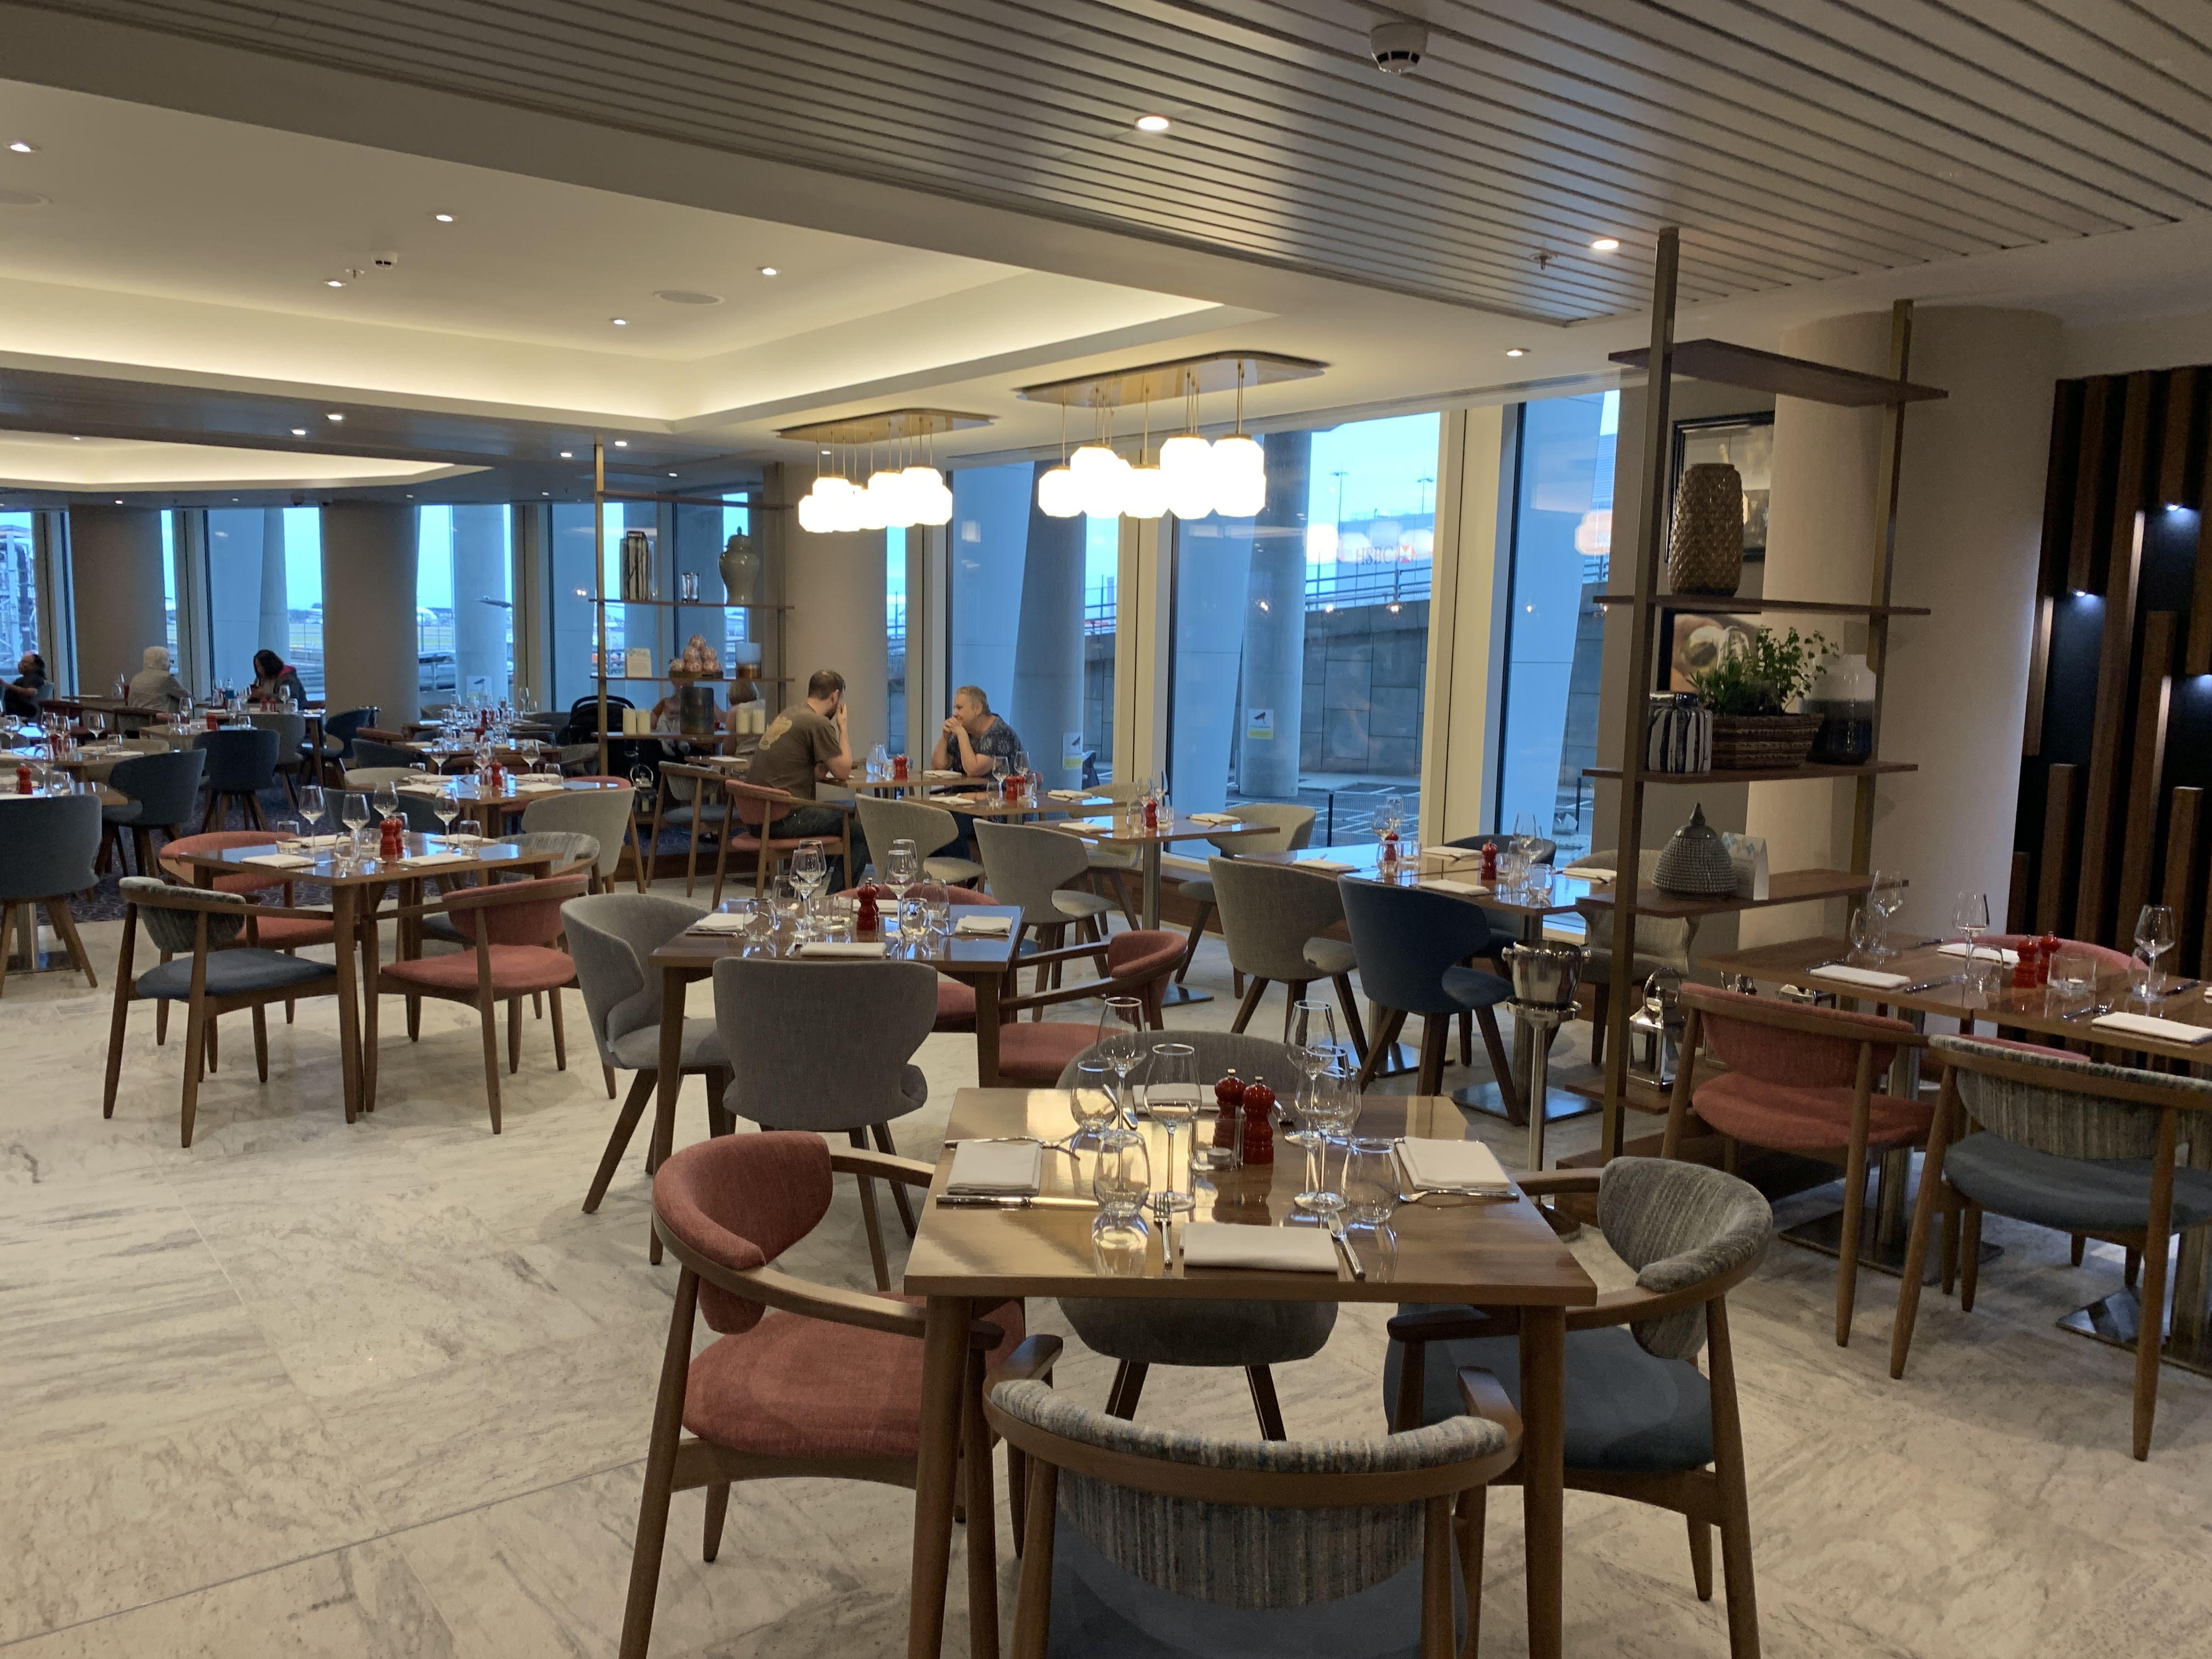 Hilton Garden Inn T2 Heathrow